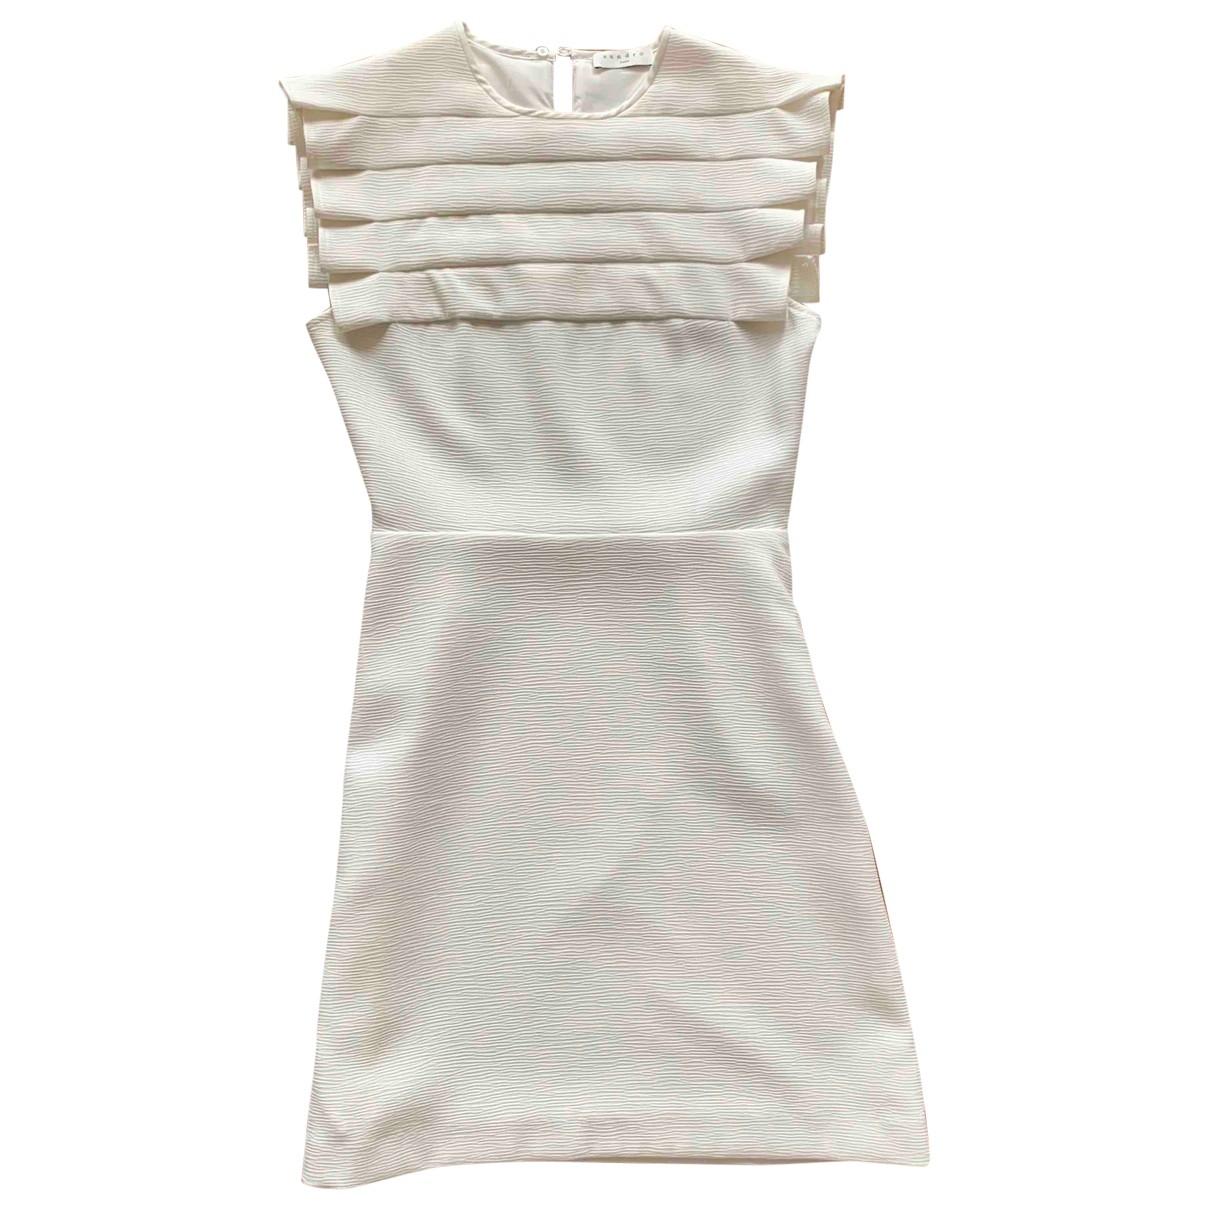 Sandro Spring Summer 2019 White dress for Women 34 FR